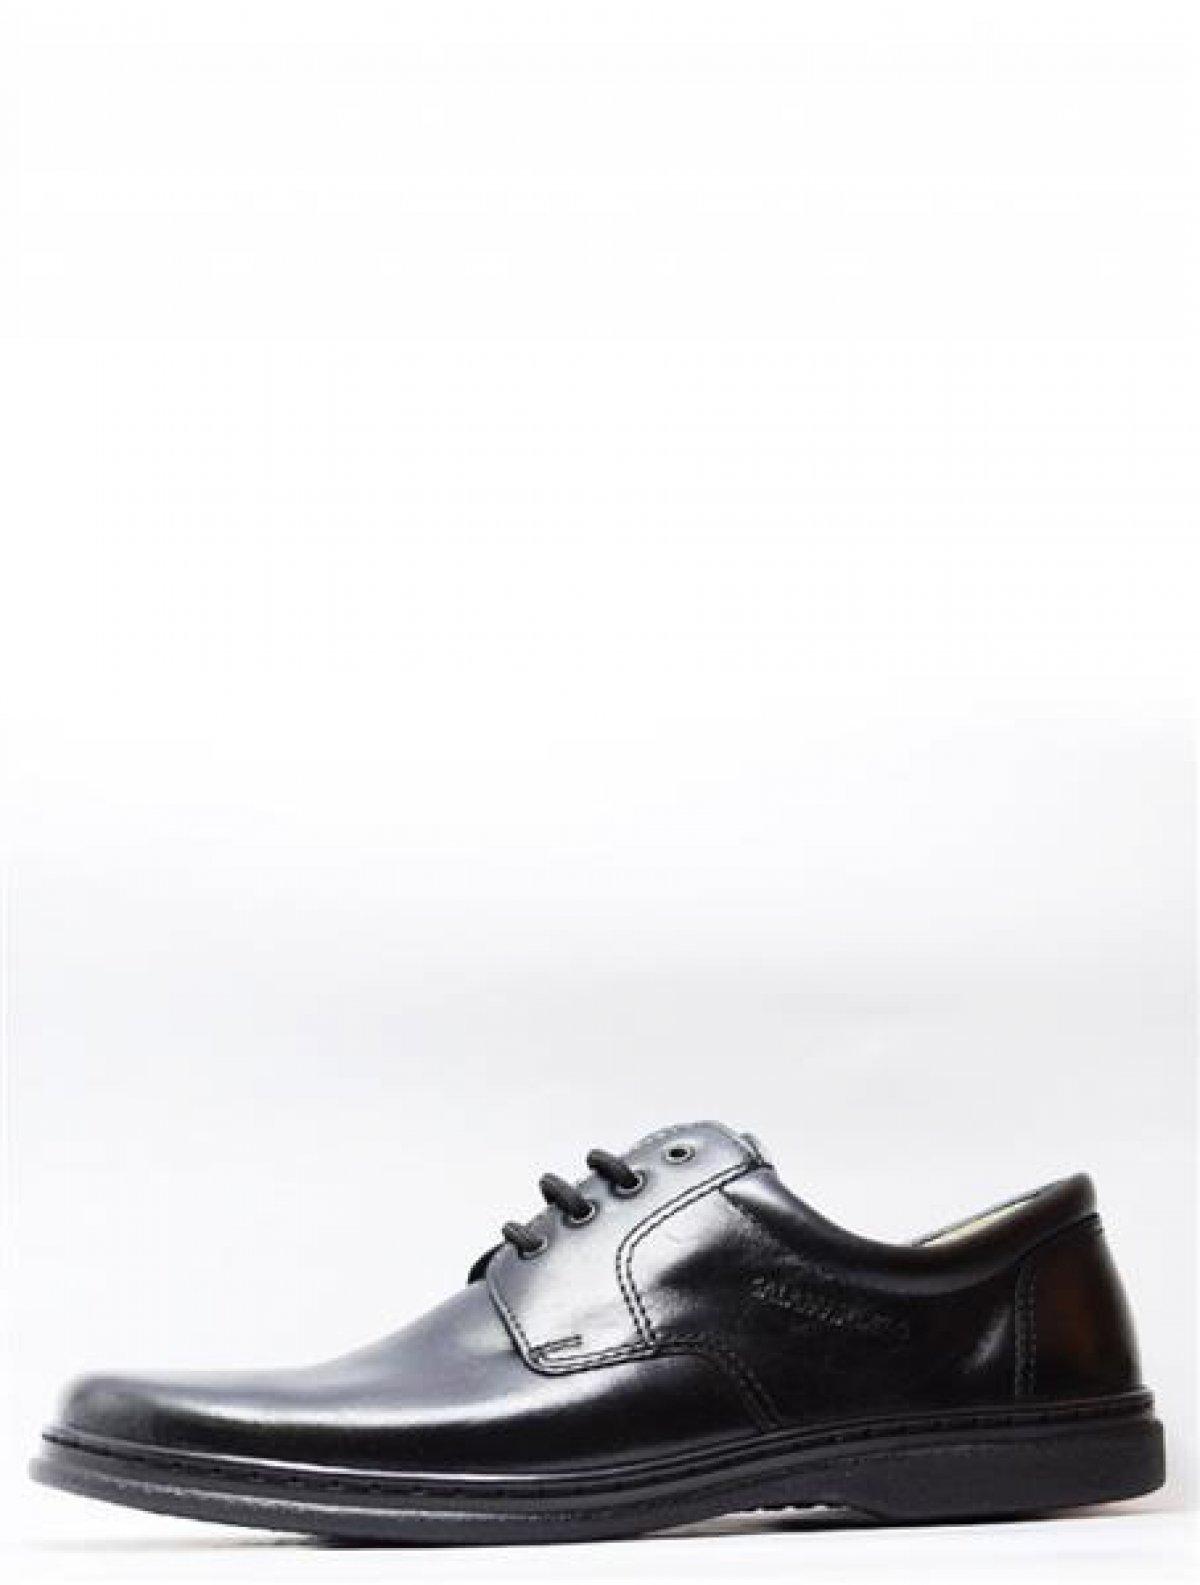 22596 туфли мужские